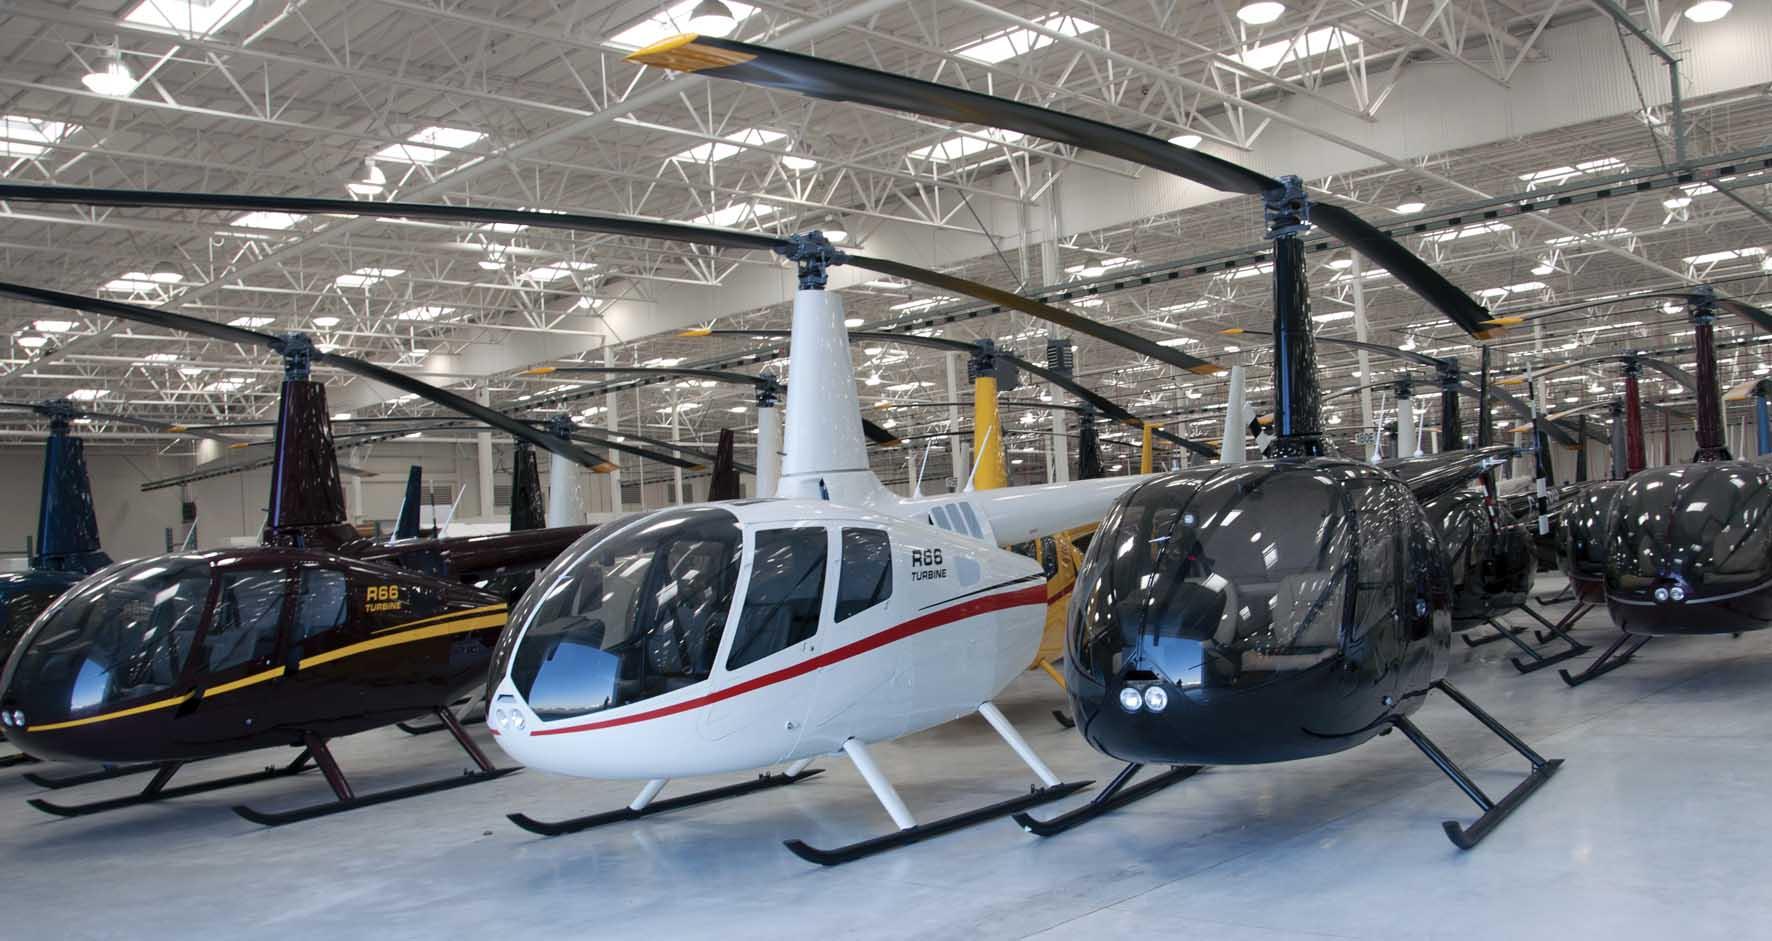 Elicottero R66 : Certificazione europea easa per l elicottero americano robinson